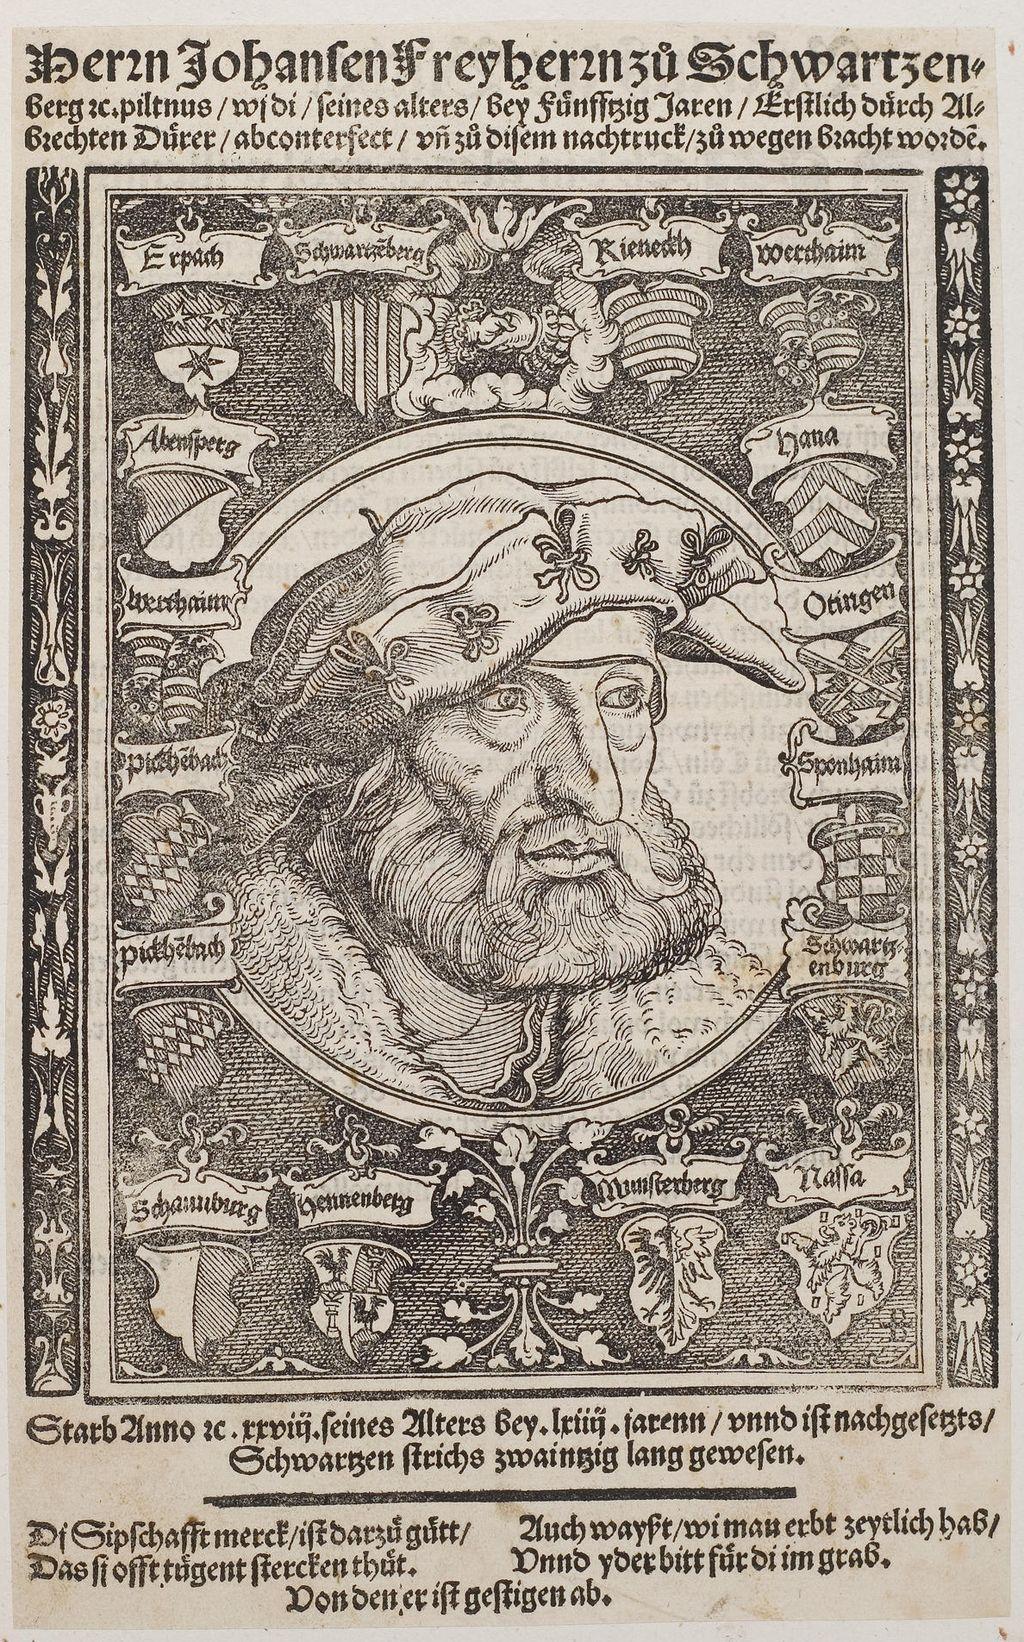 https://upload.wikimedia.org/wikipedia/commons/thumb/c/cb/Arolsen_Klebeband_02_151.jpg/1024px-Arolsen_Klebeband_02_151.jpg